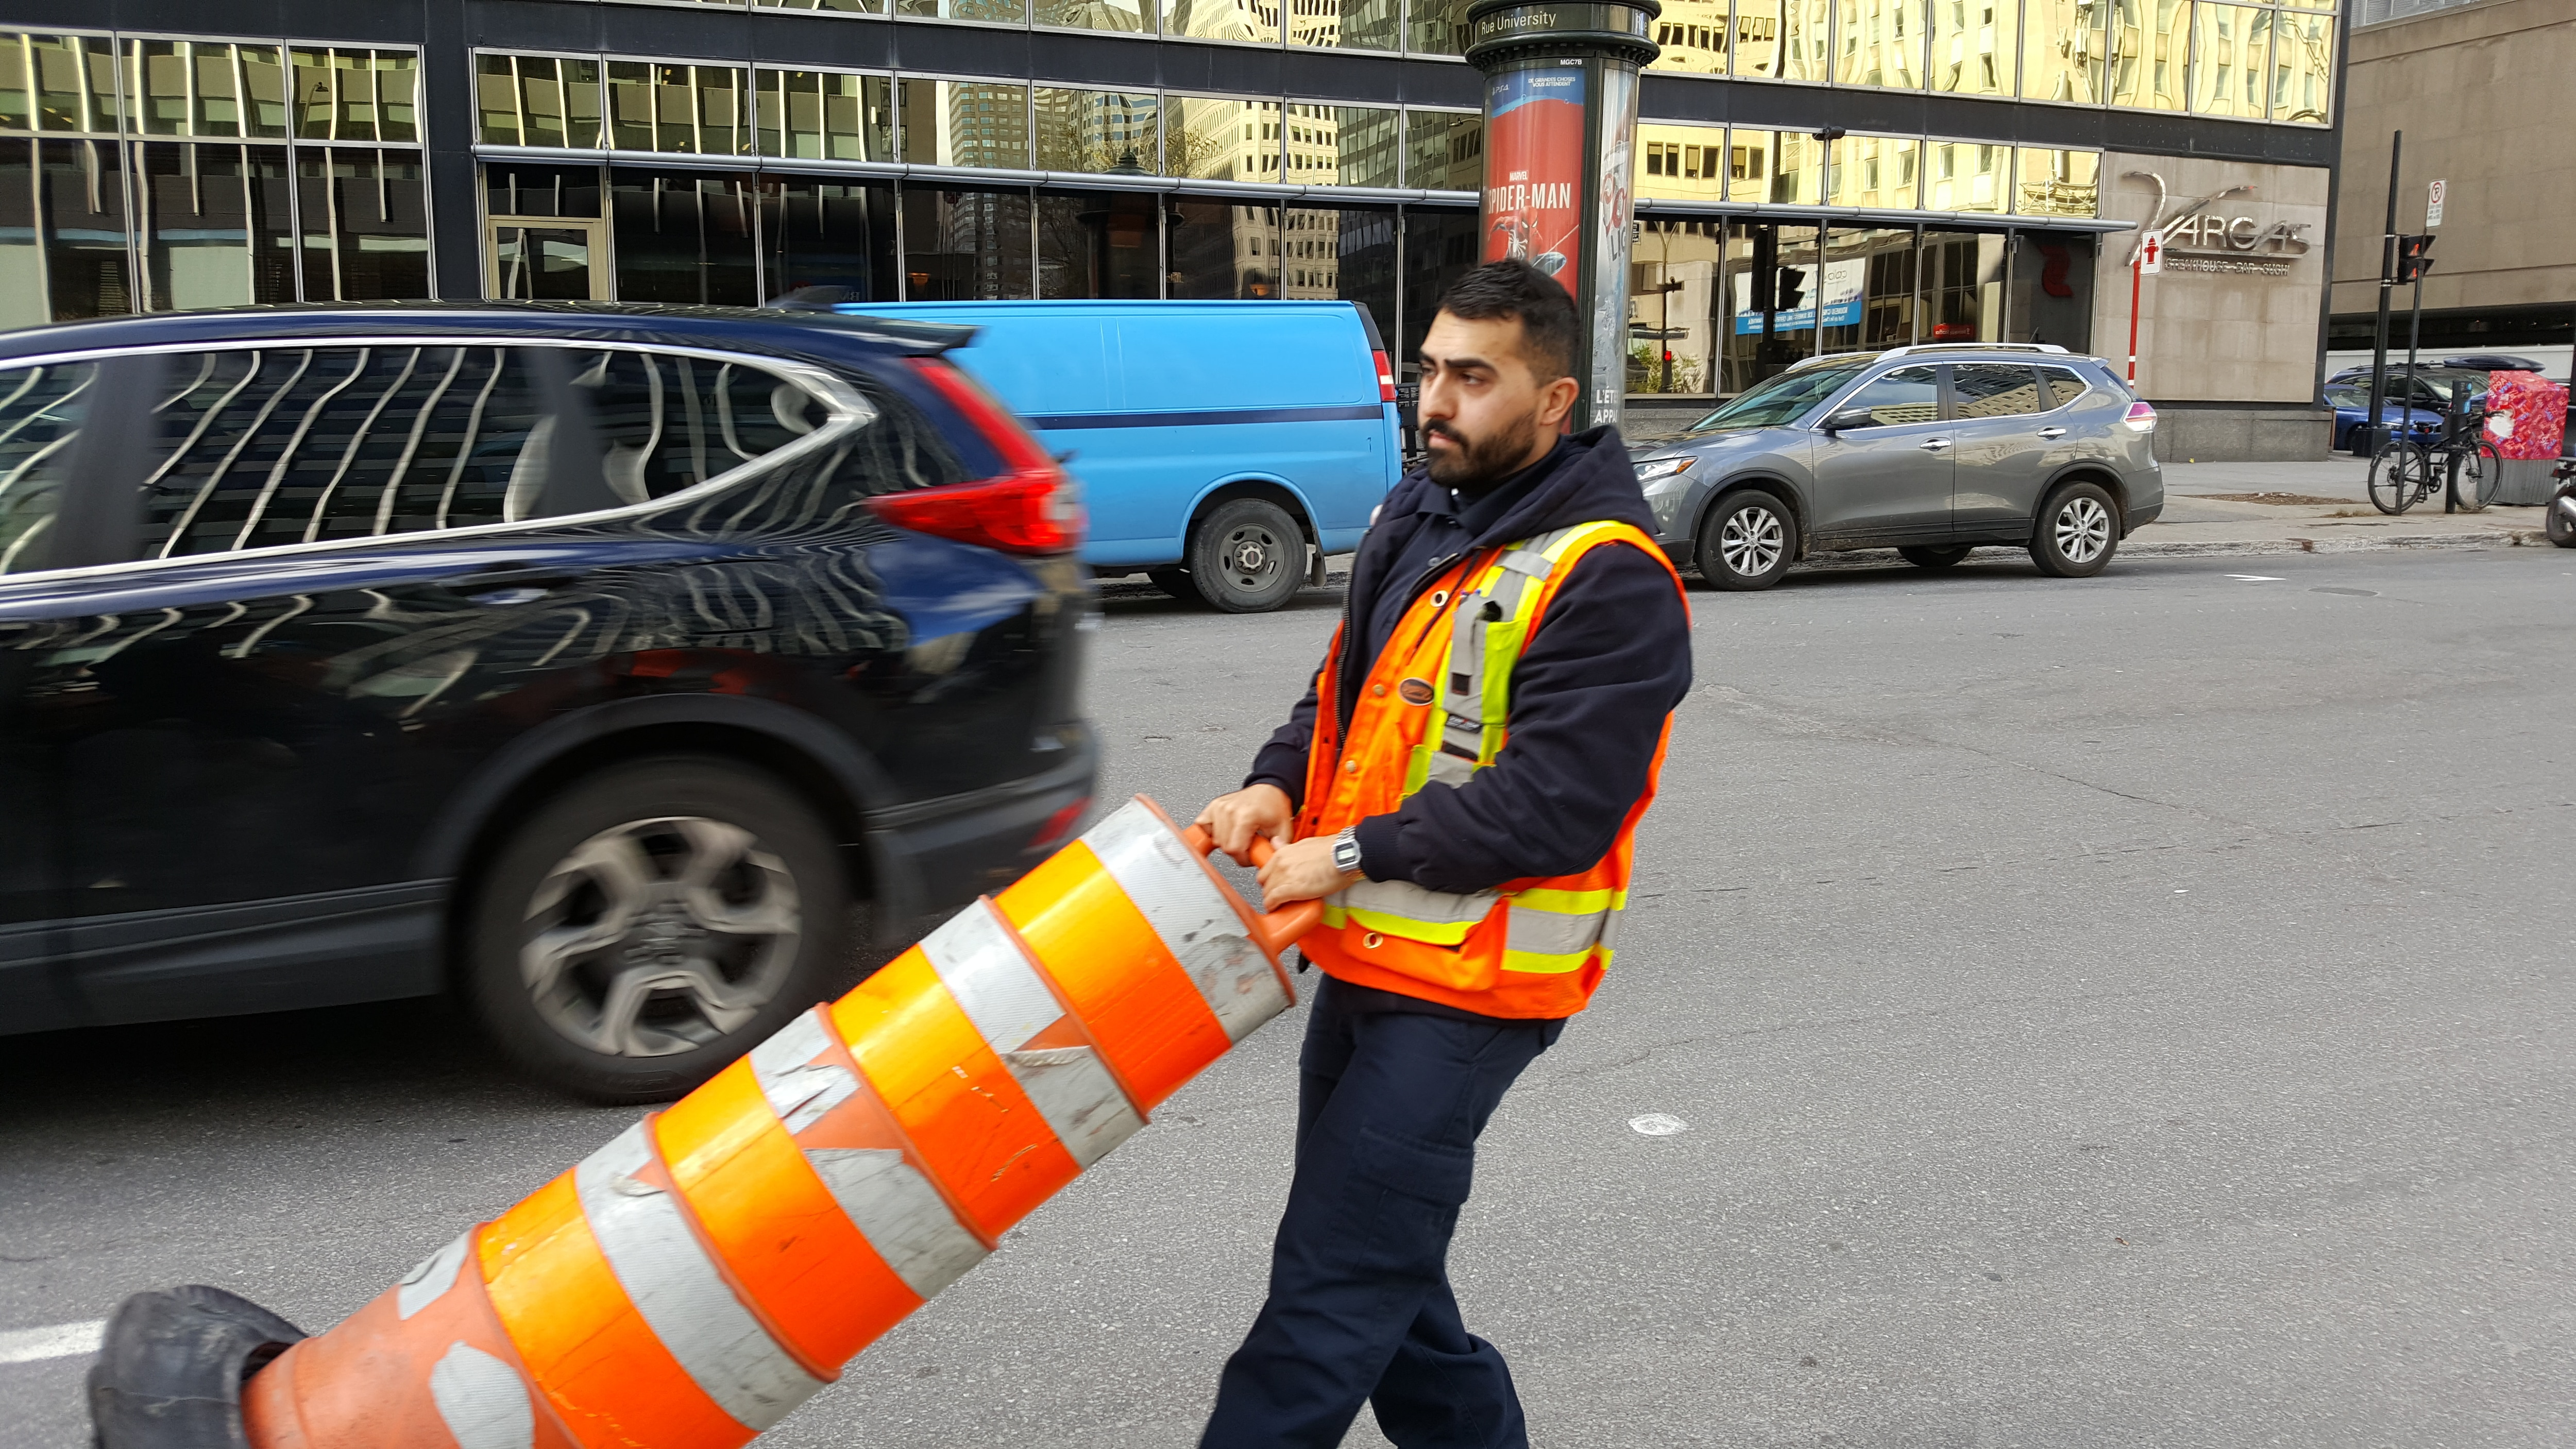 Un homme portant un dossard orange tire un cône dans une rue.